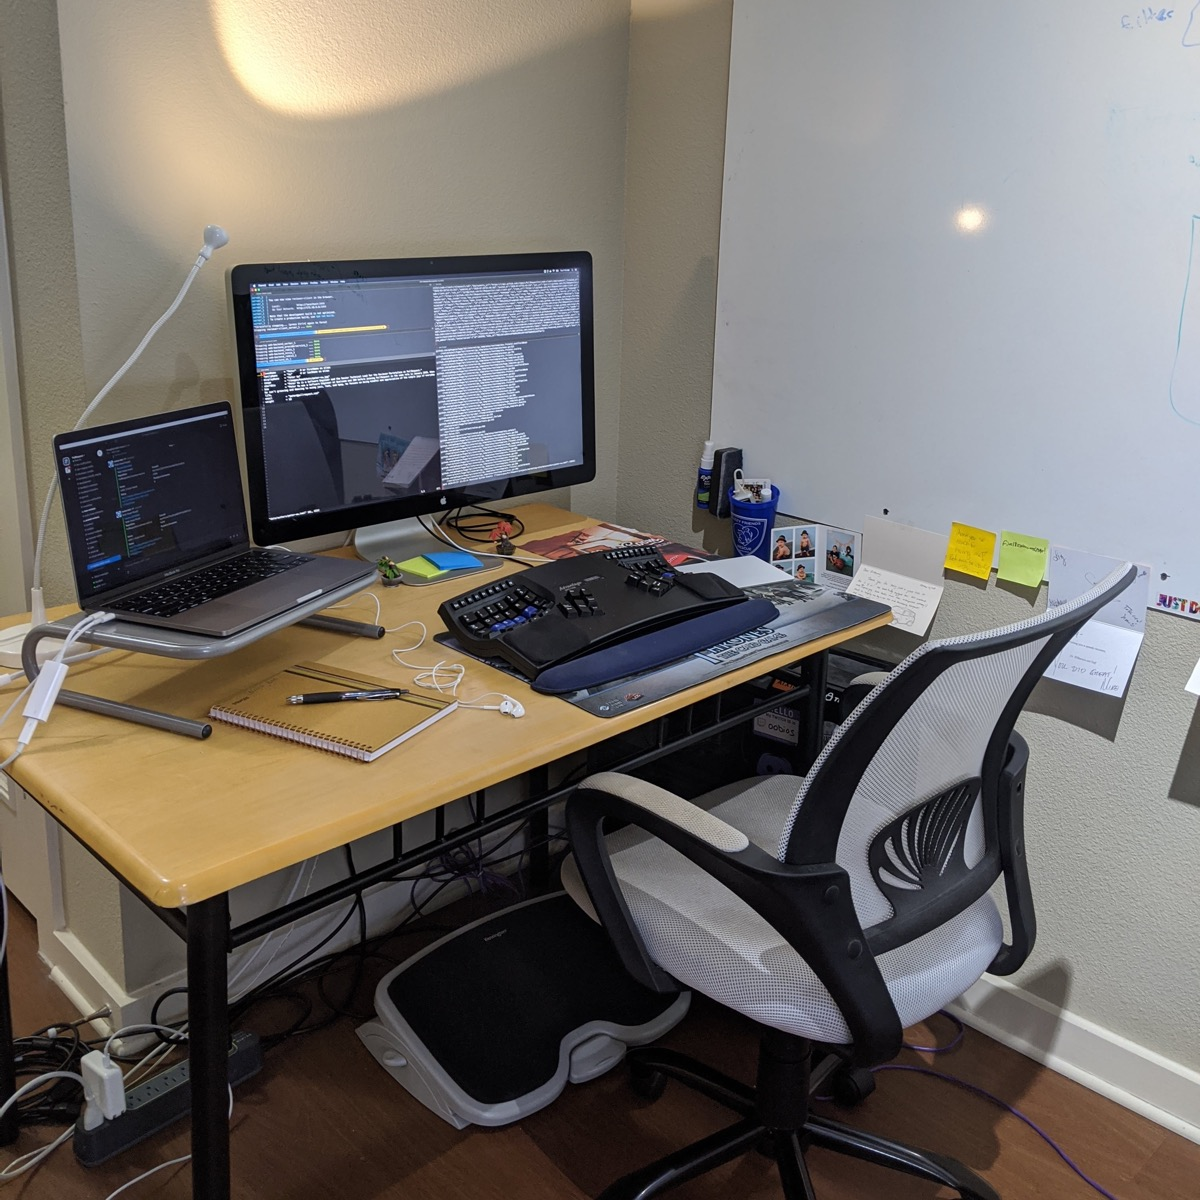 images/wfh-developer-office-desk.jpg